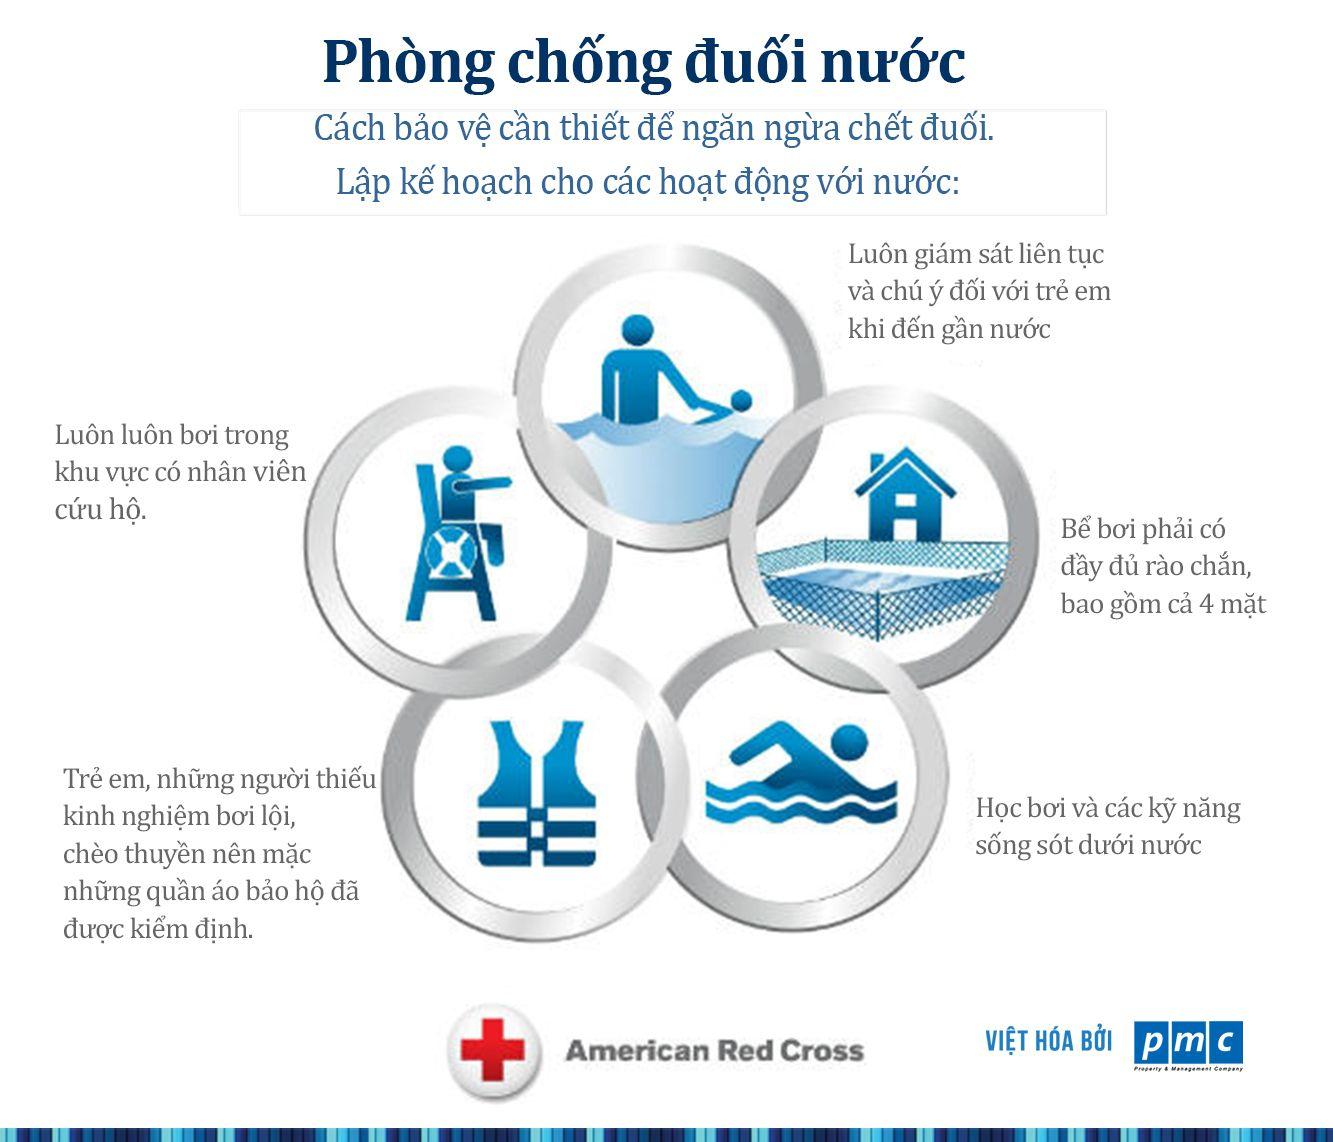 Ghim của PMC trên An toàn bể bơi Swimming pool Safety